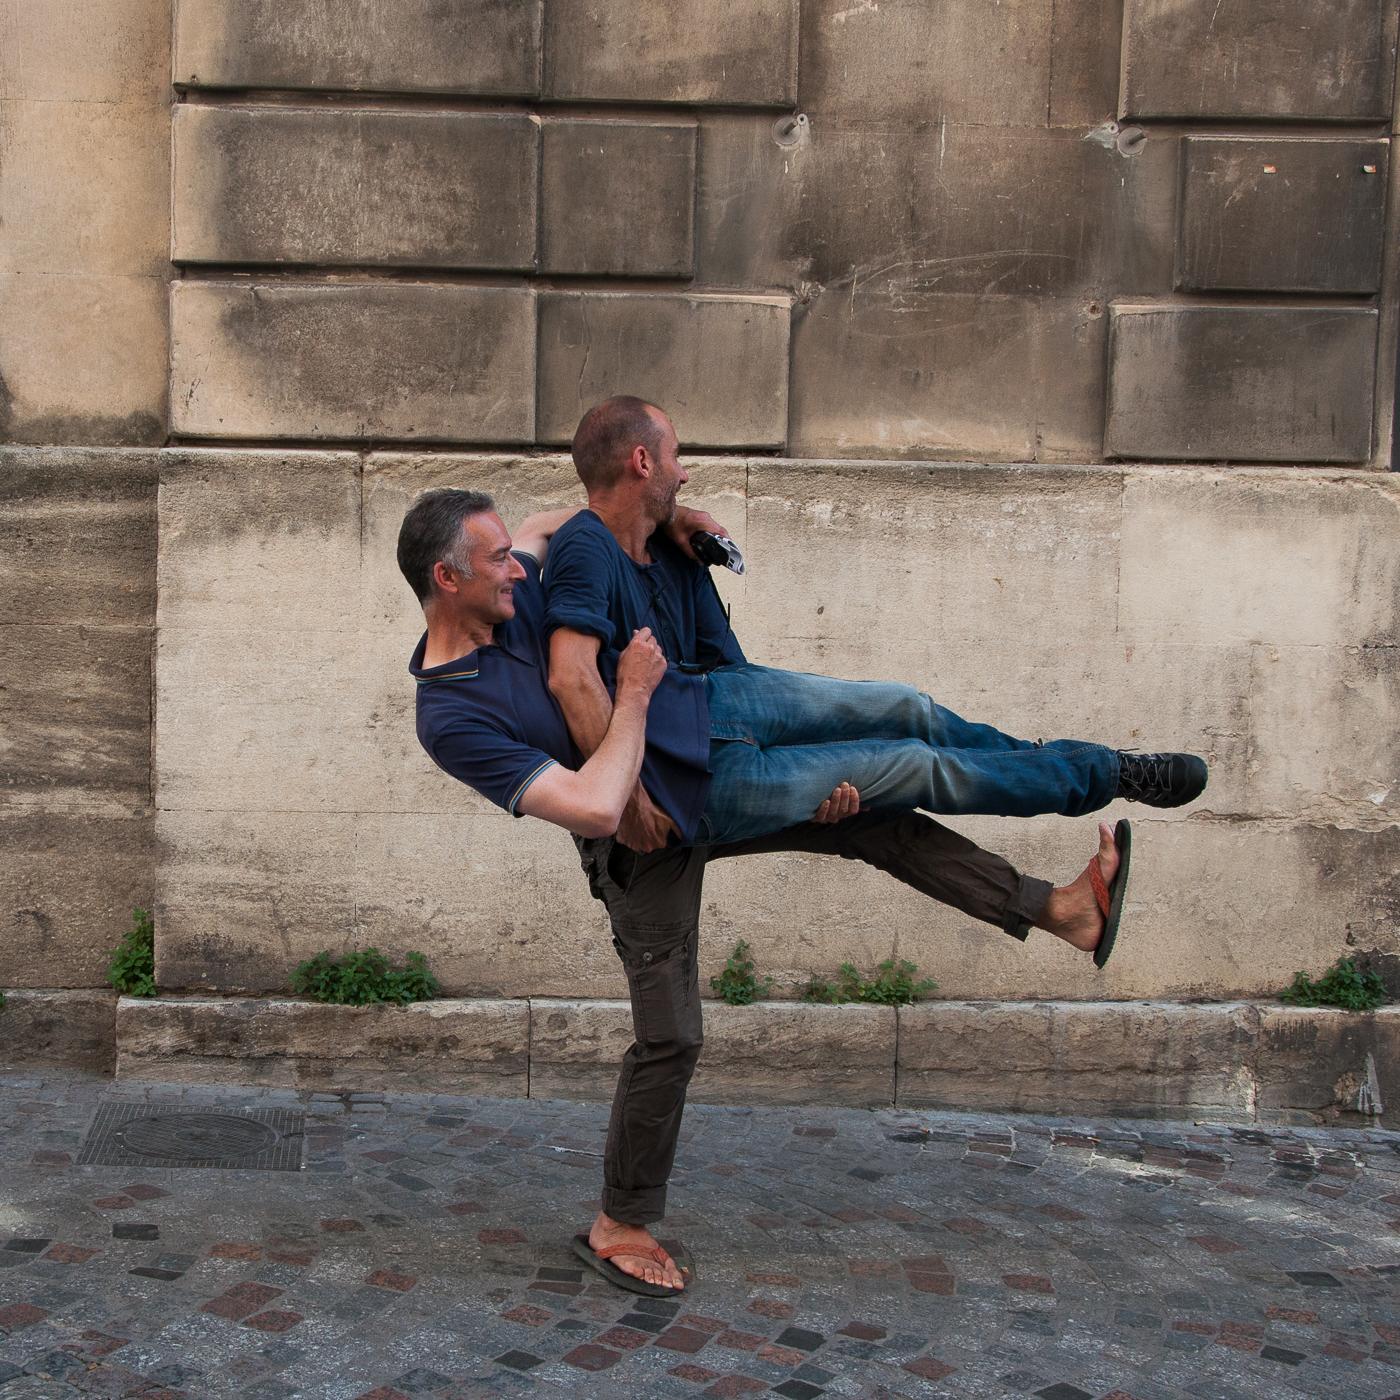 Arles 2015 - Let's go